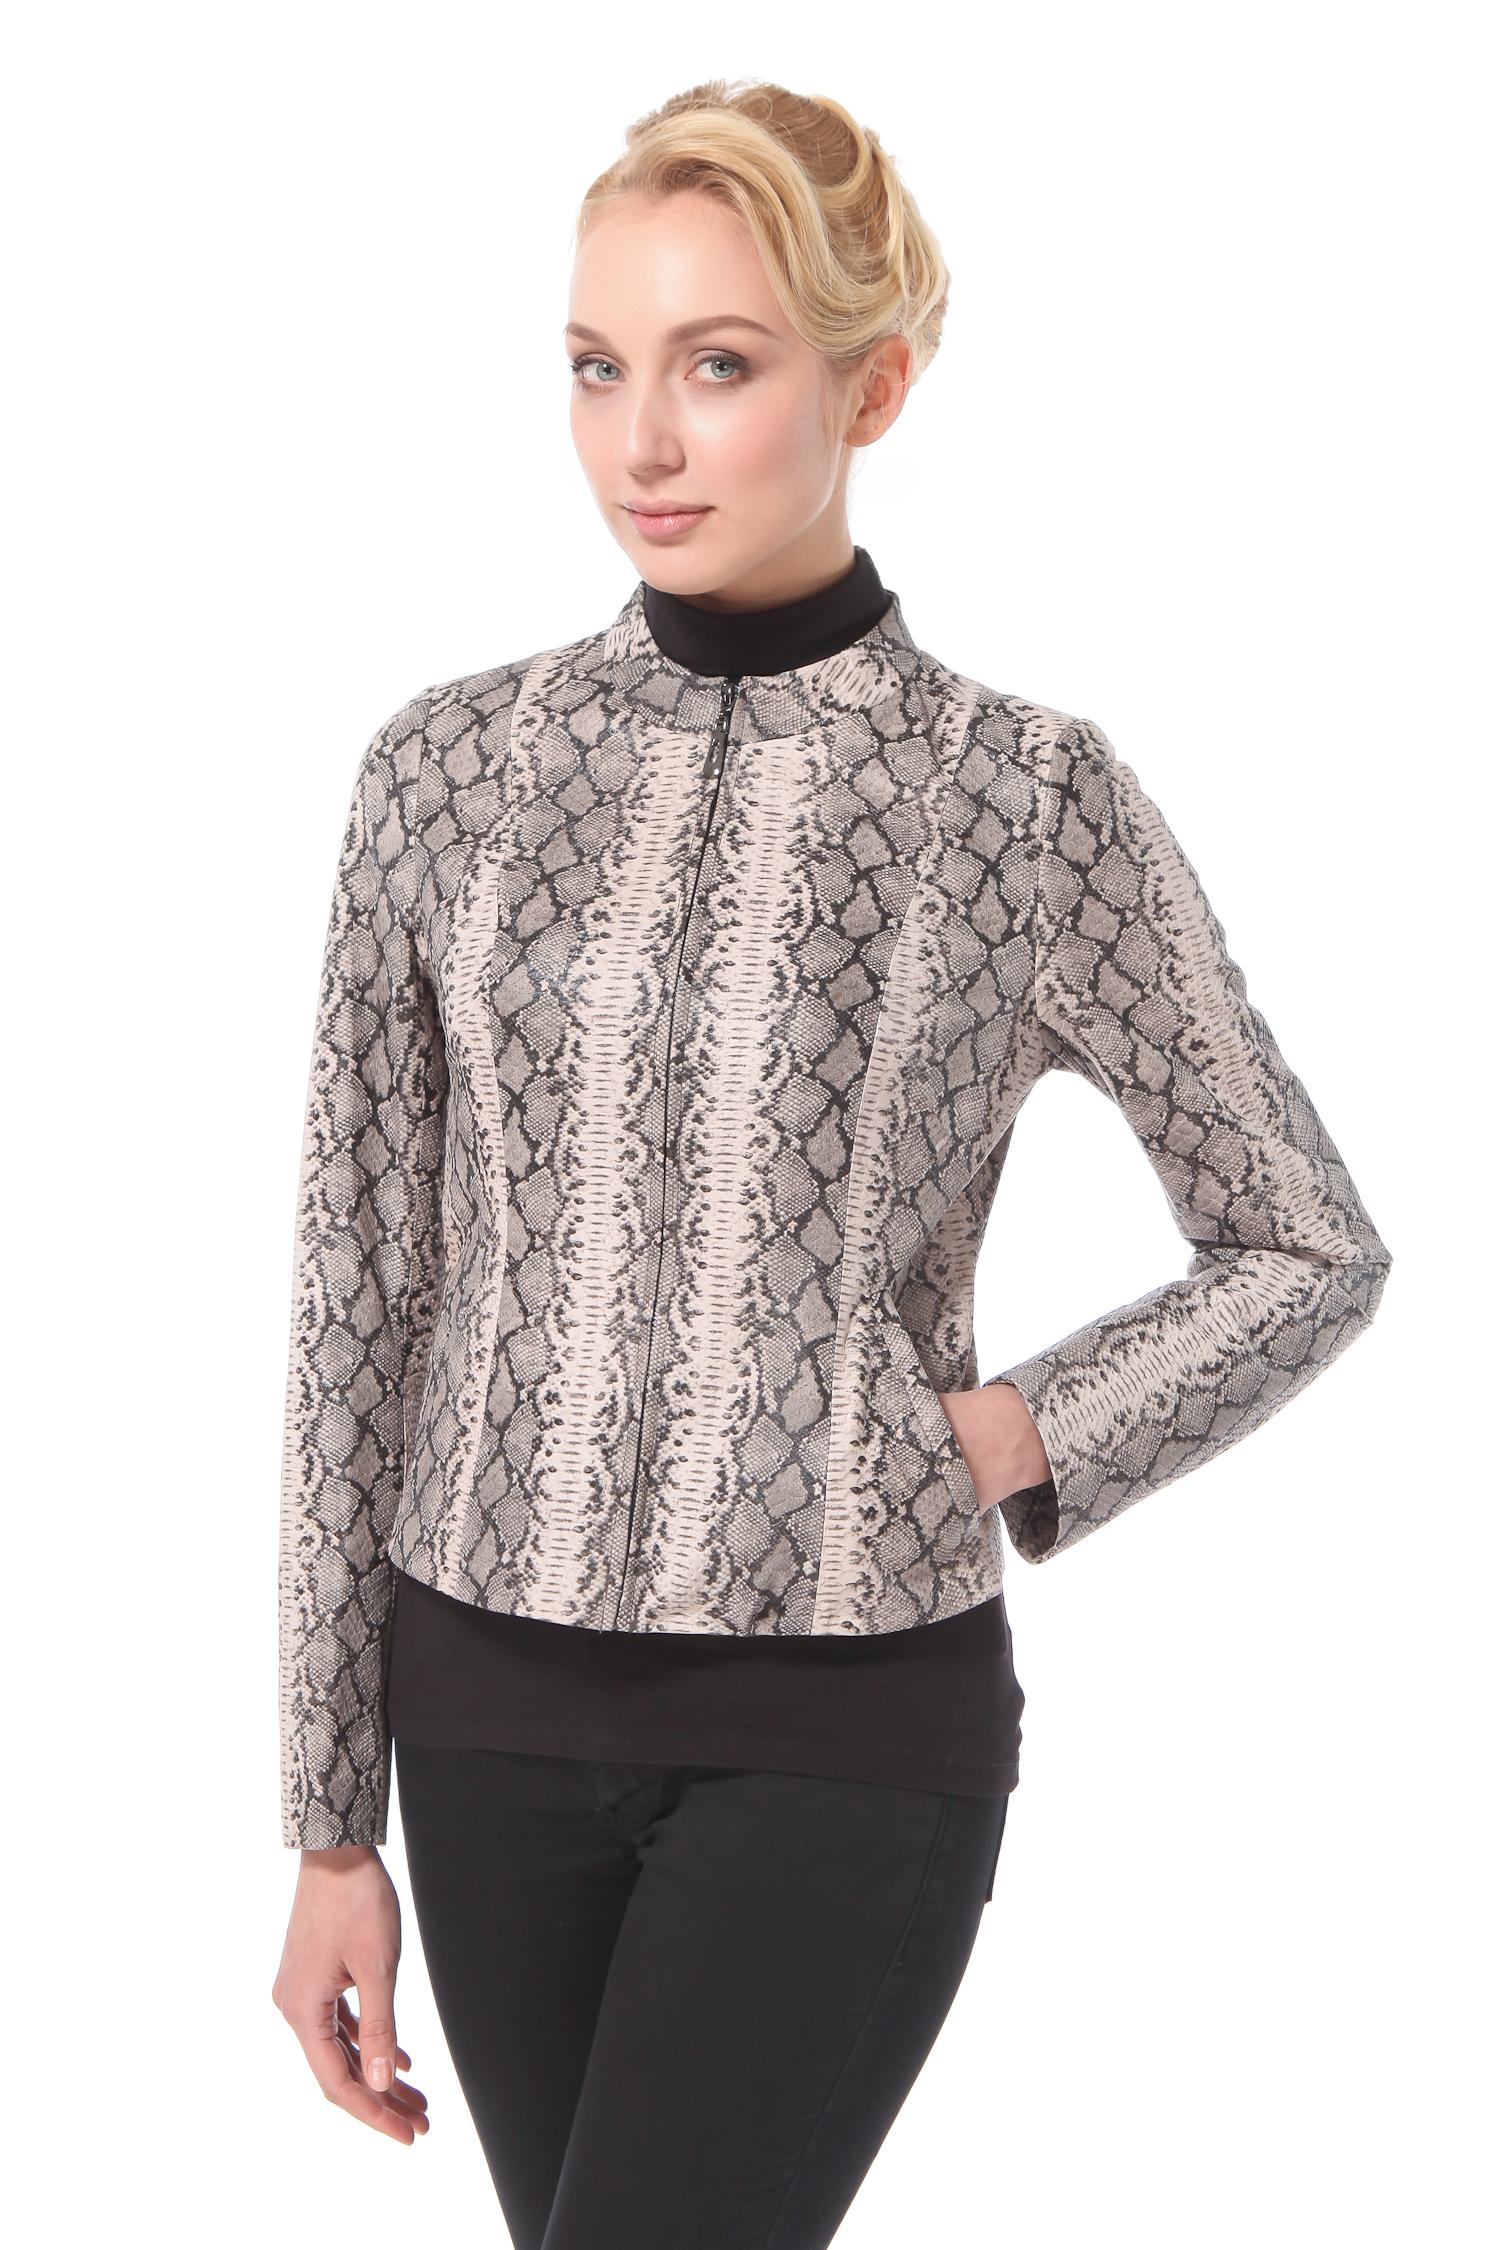 Женская кожаная куртка из натуральной замши с накатом, без отделки<br><br>Длина см: Короткая (51-74 )<br>Материал: Замша<br>Цвет: серый<br>Пол: Женский<br>Размер RU: 54